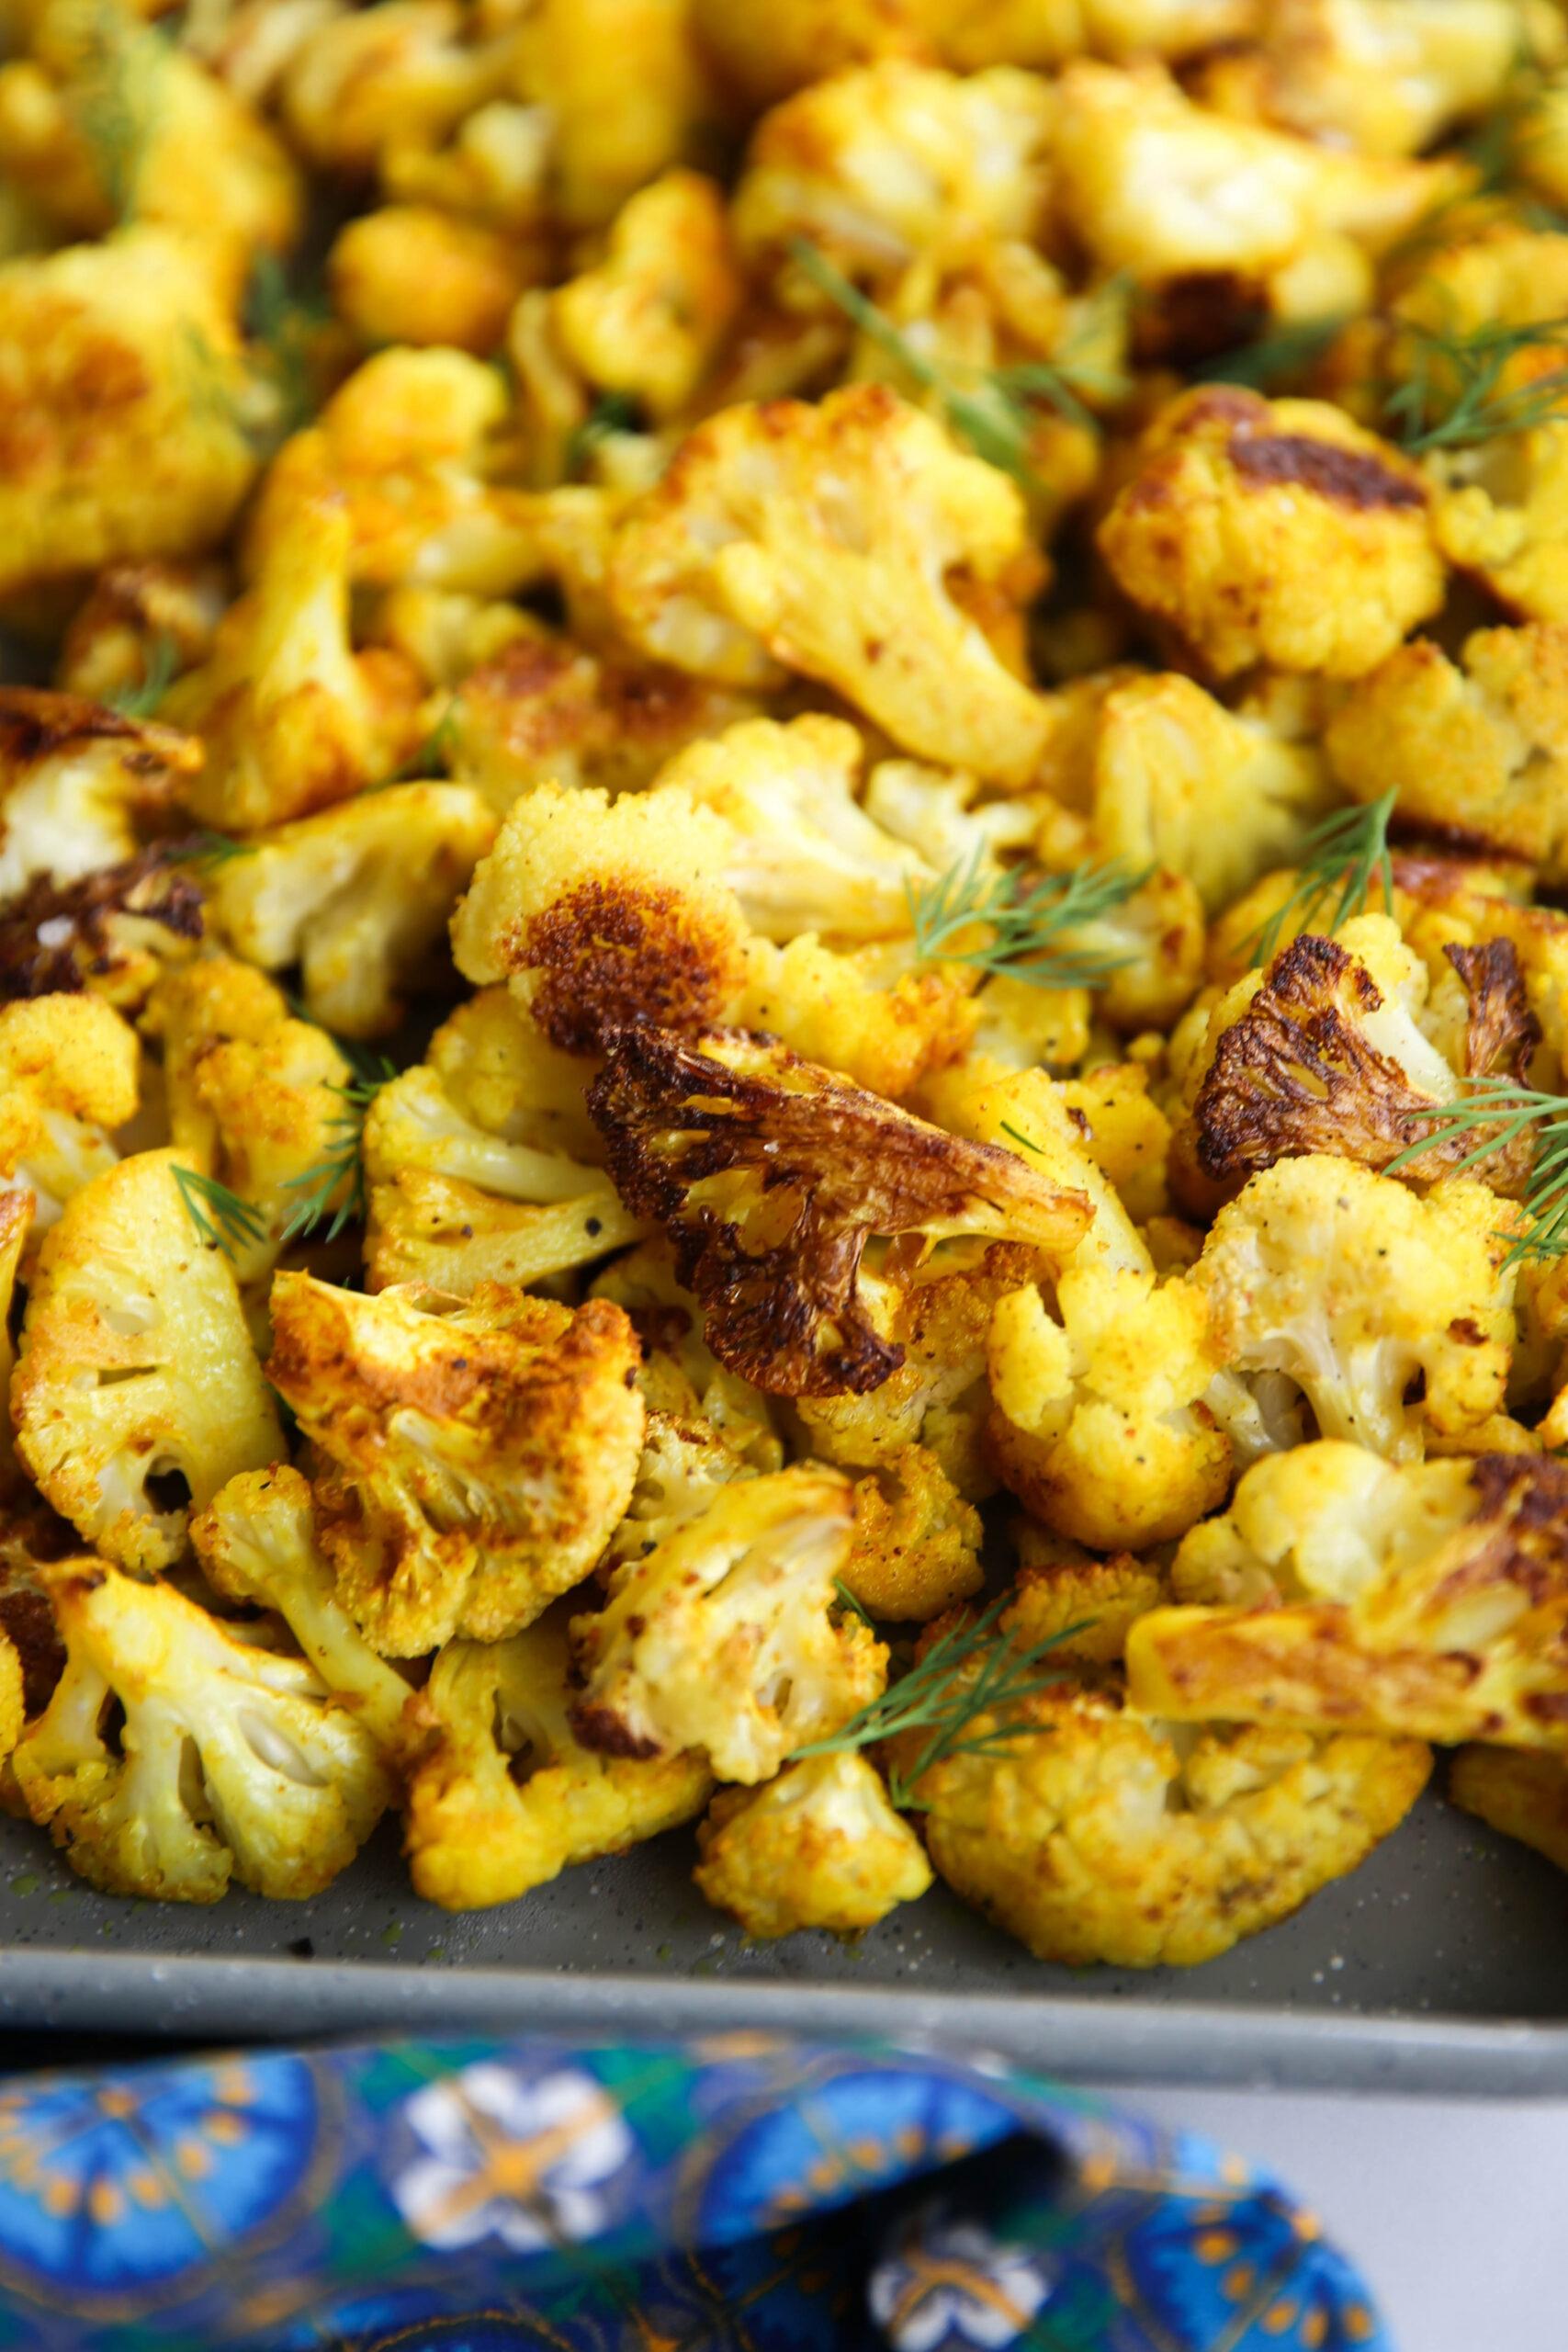 PaleOMG Back to Basics: Roasted Cauliflower